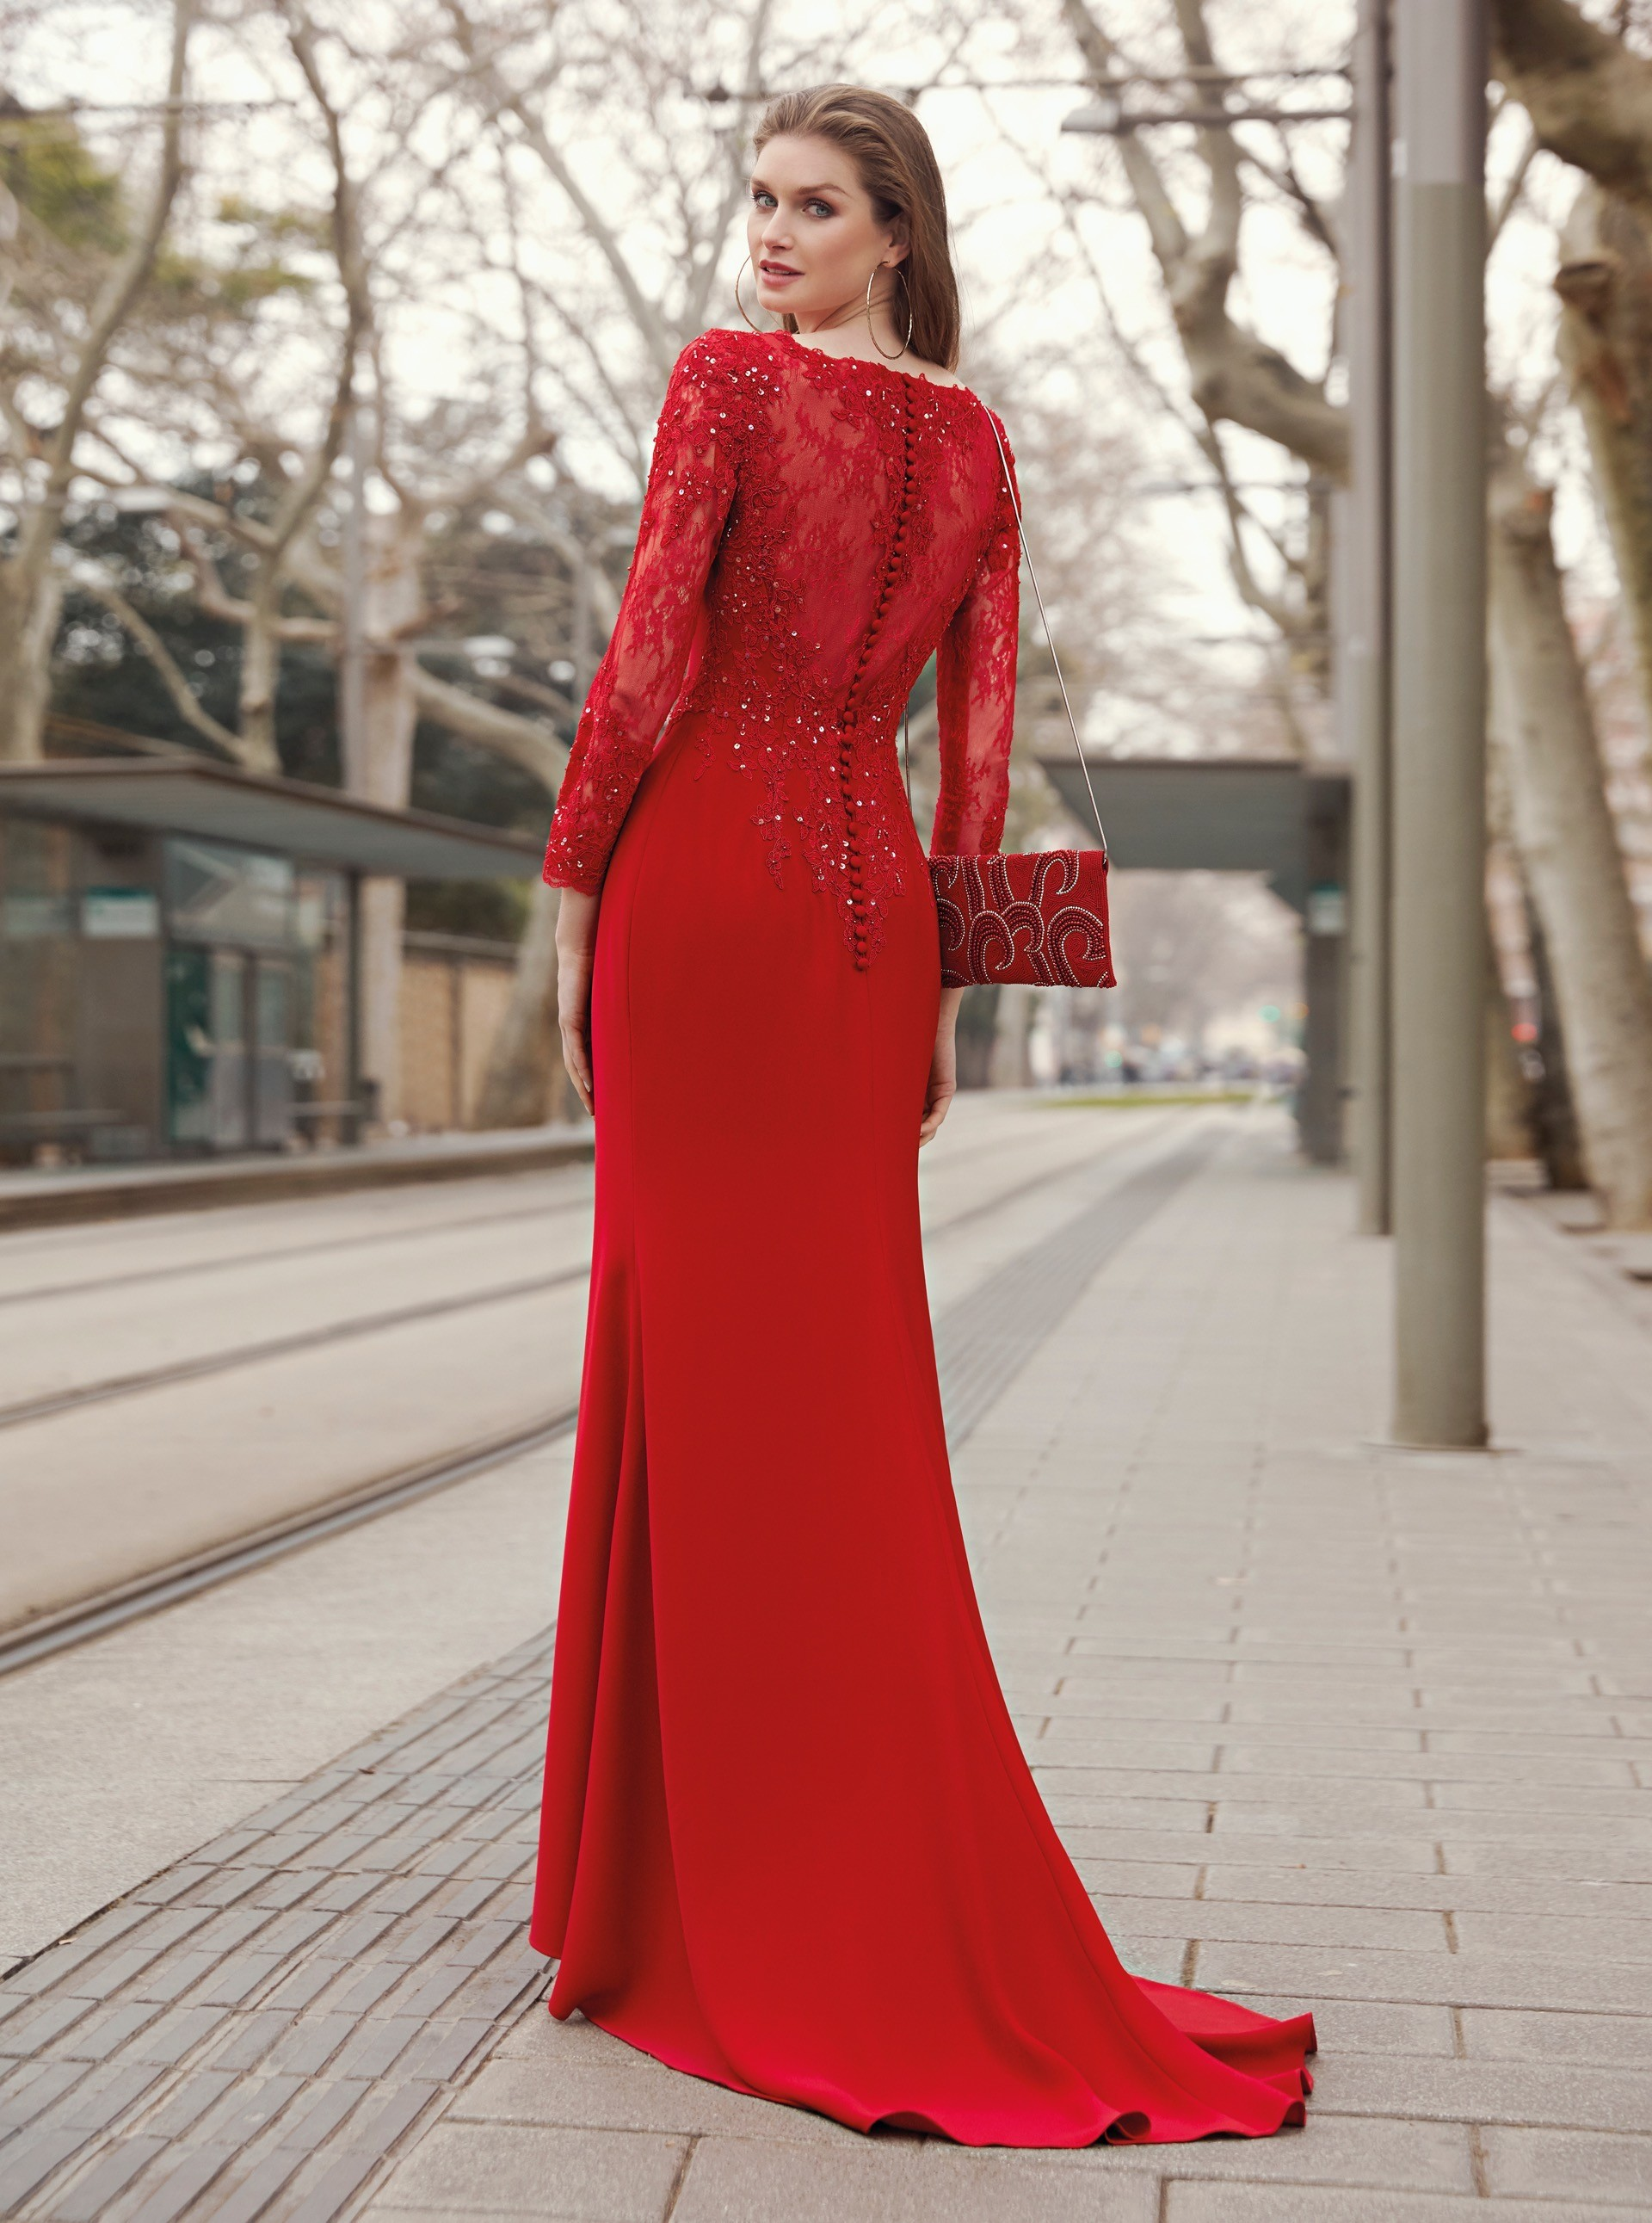 Langes Kleid mit Spitzenärmeln im Fit-and-Flare-Schnitt von Fara Fiesta in Rot